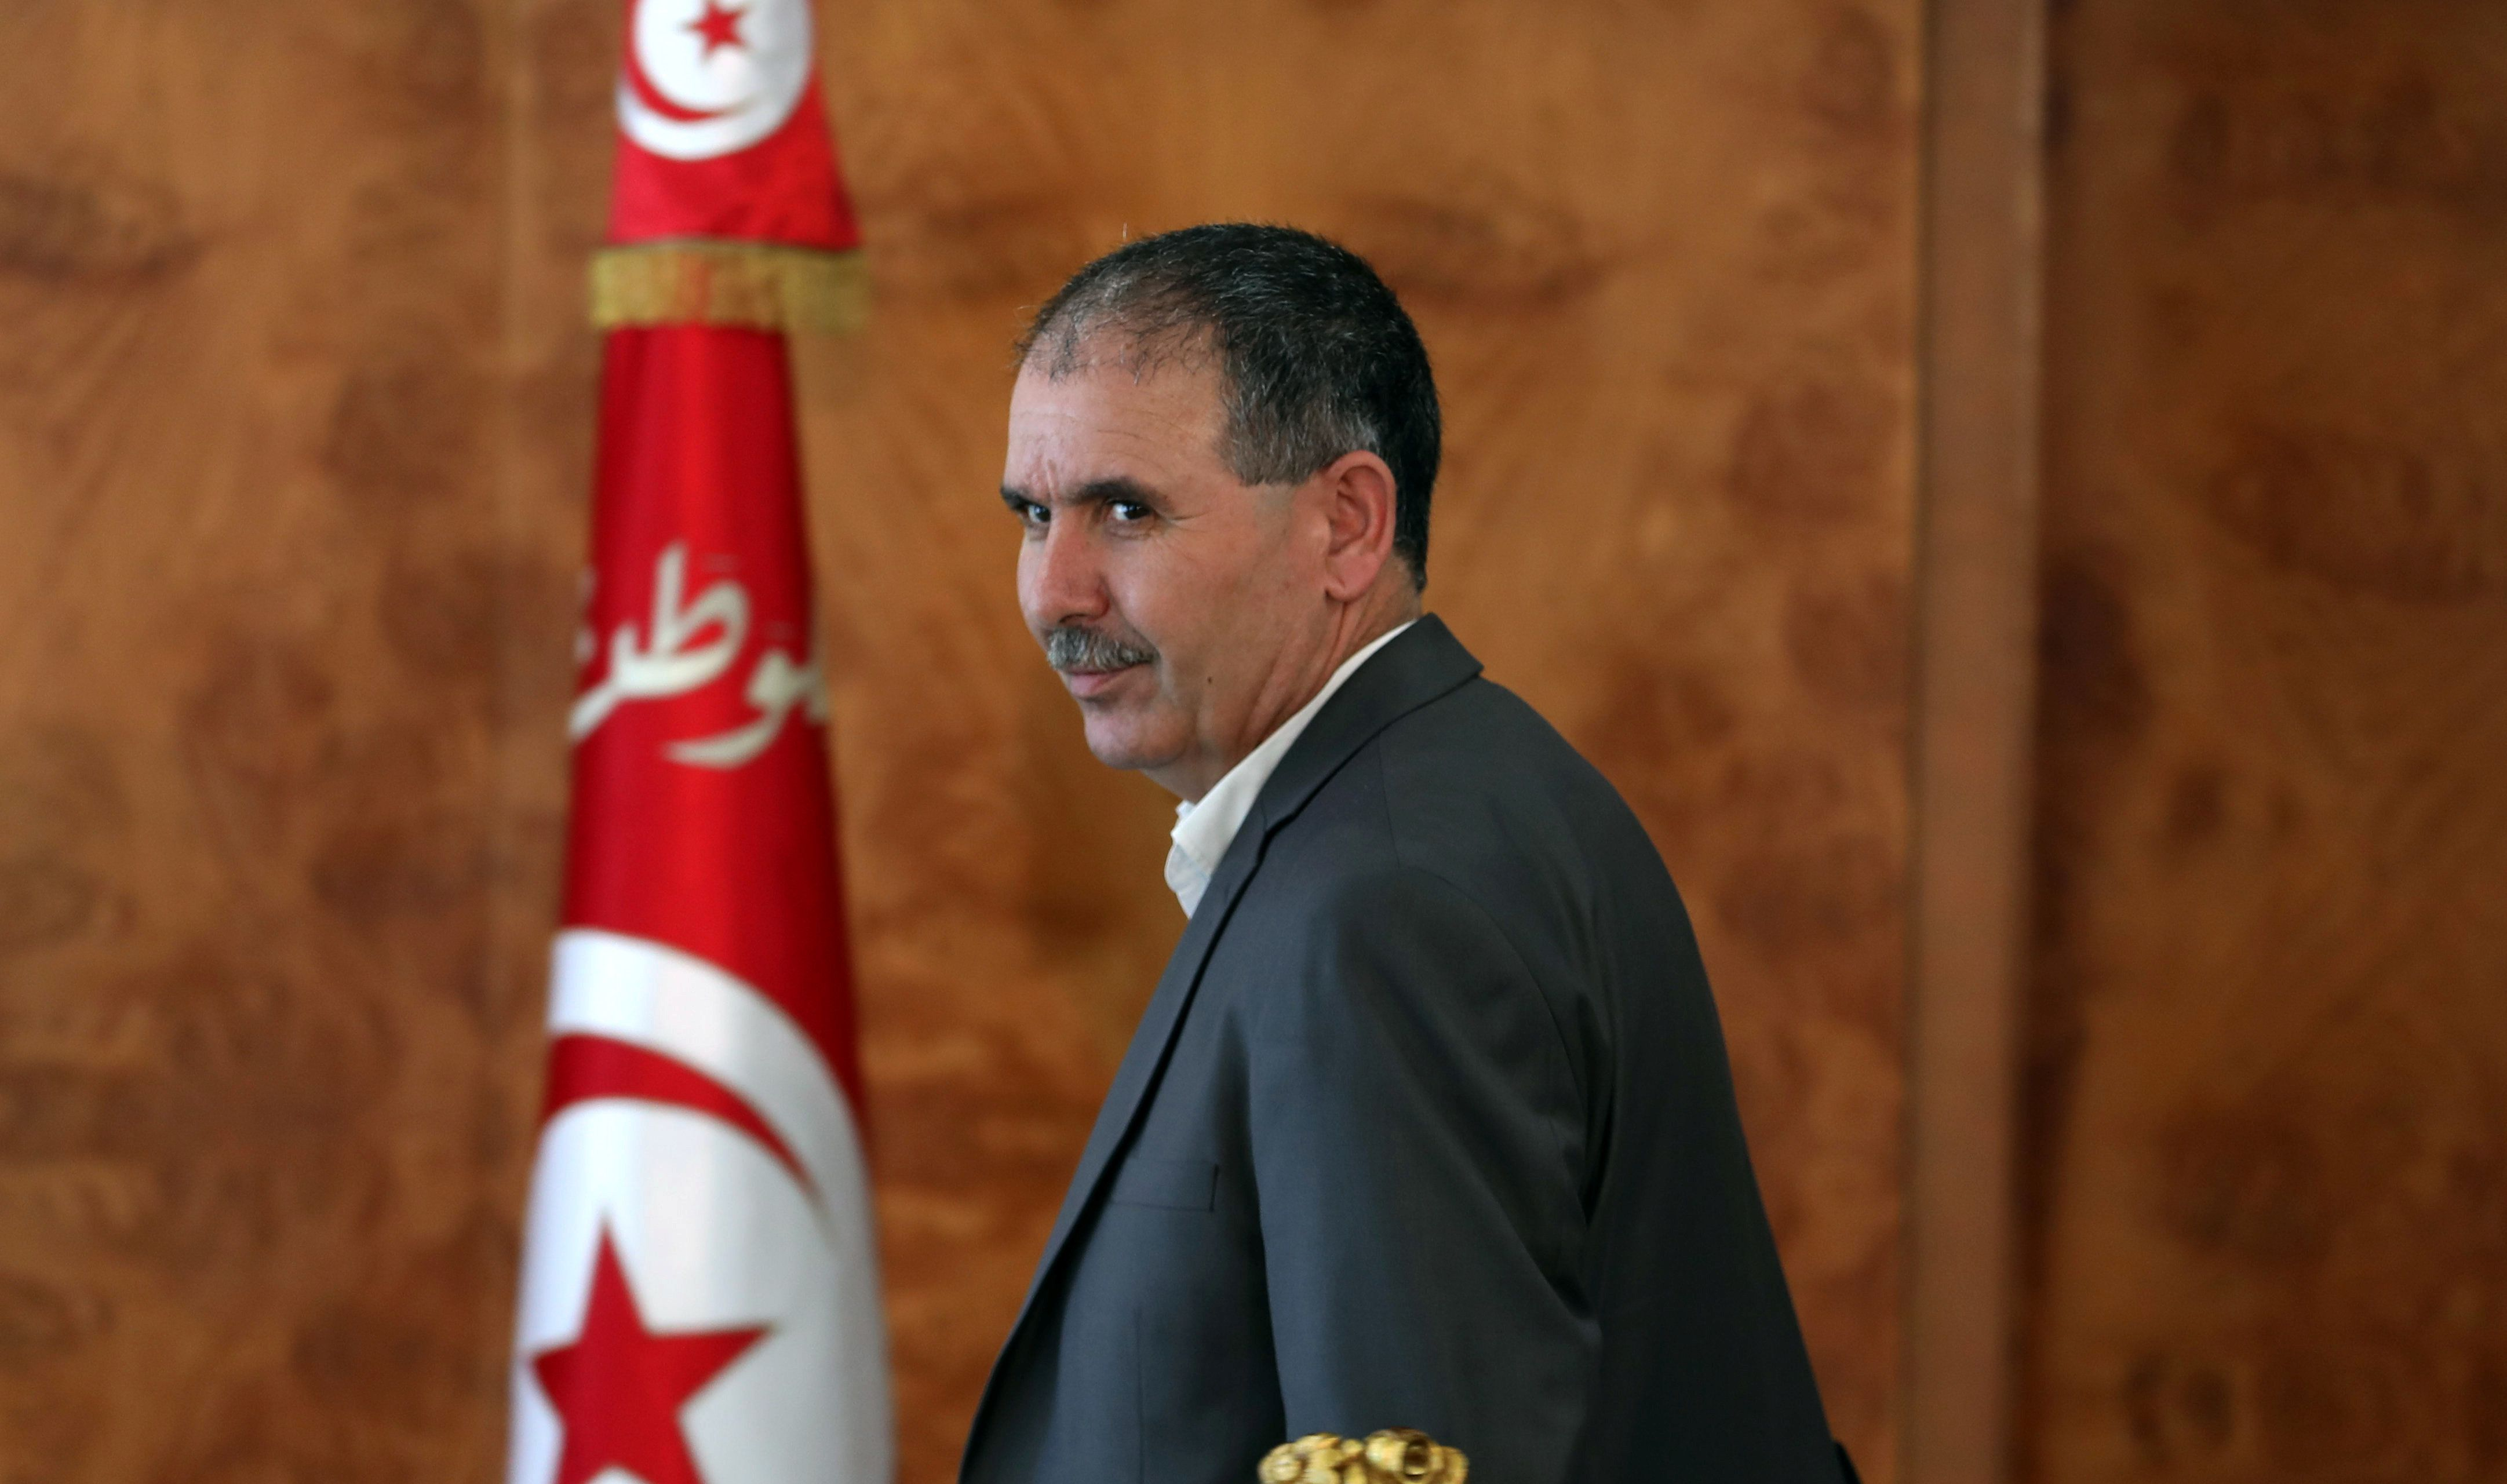 Affaire Nessma: Noureddine Taboubi évoque